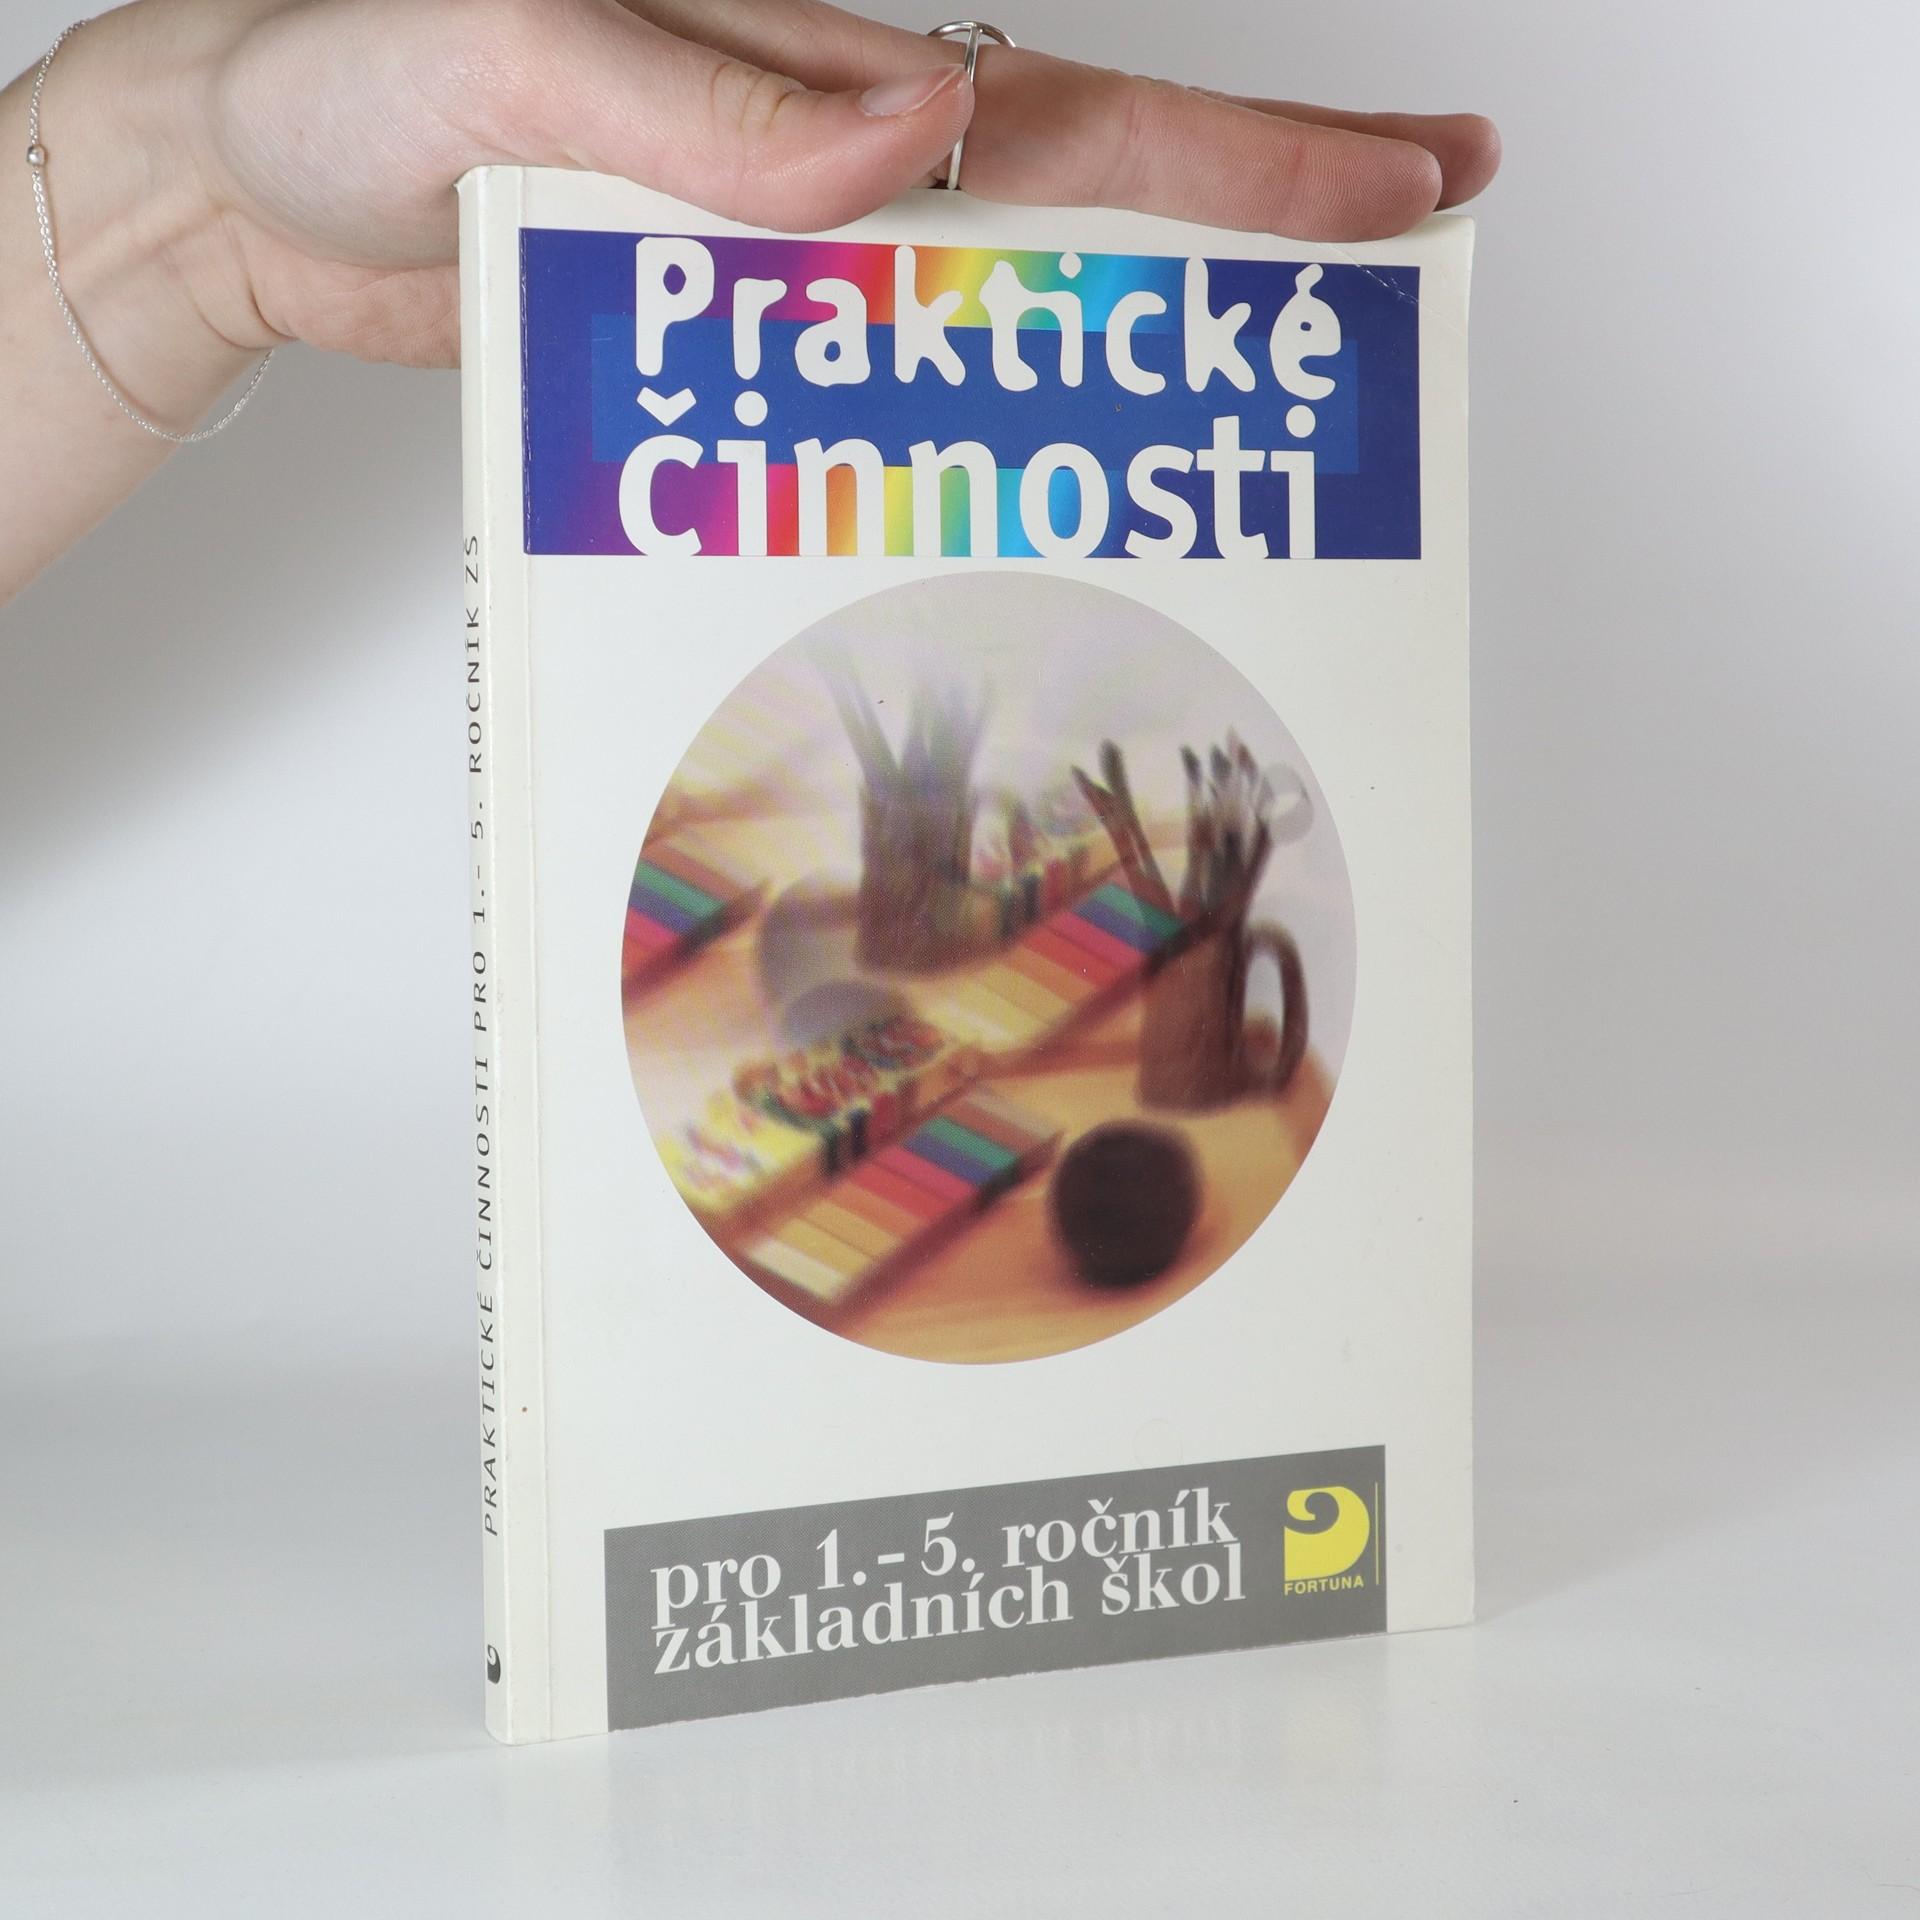 antikvární kniha Praktické činnosti pro 1.-5. ročník základních škol, 1997